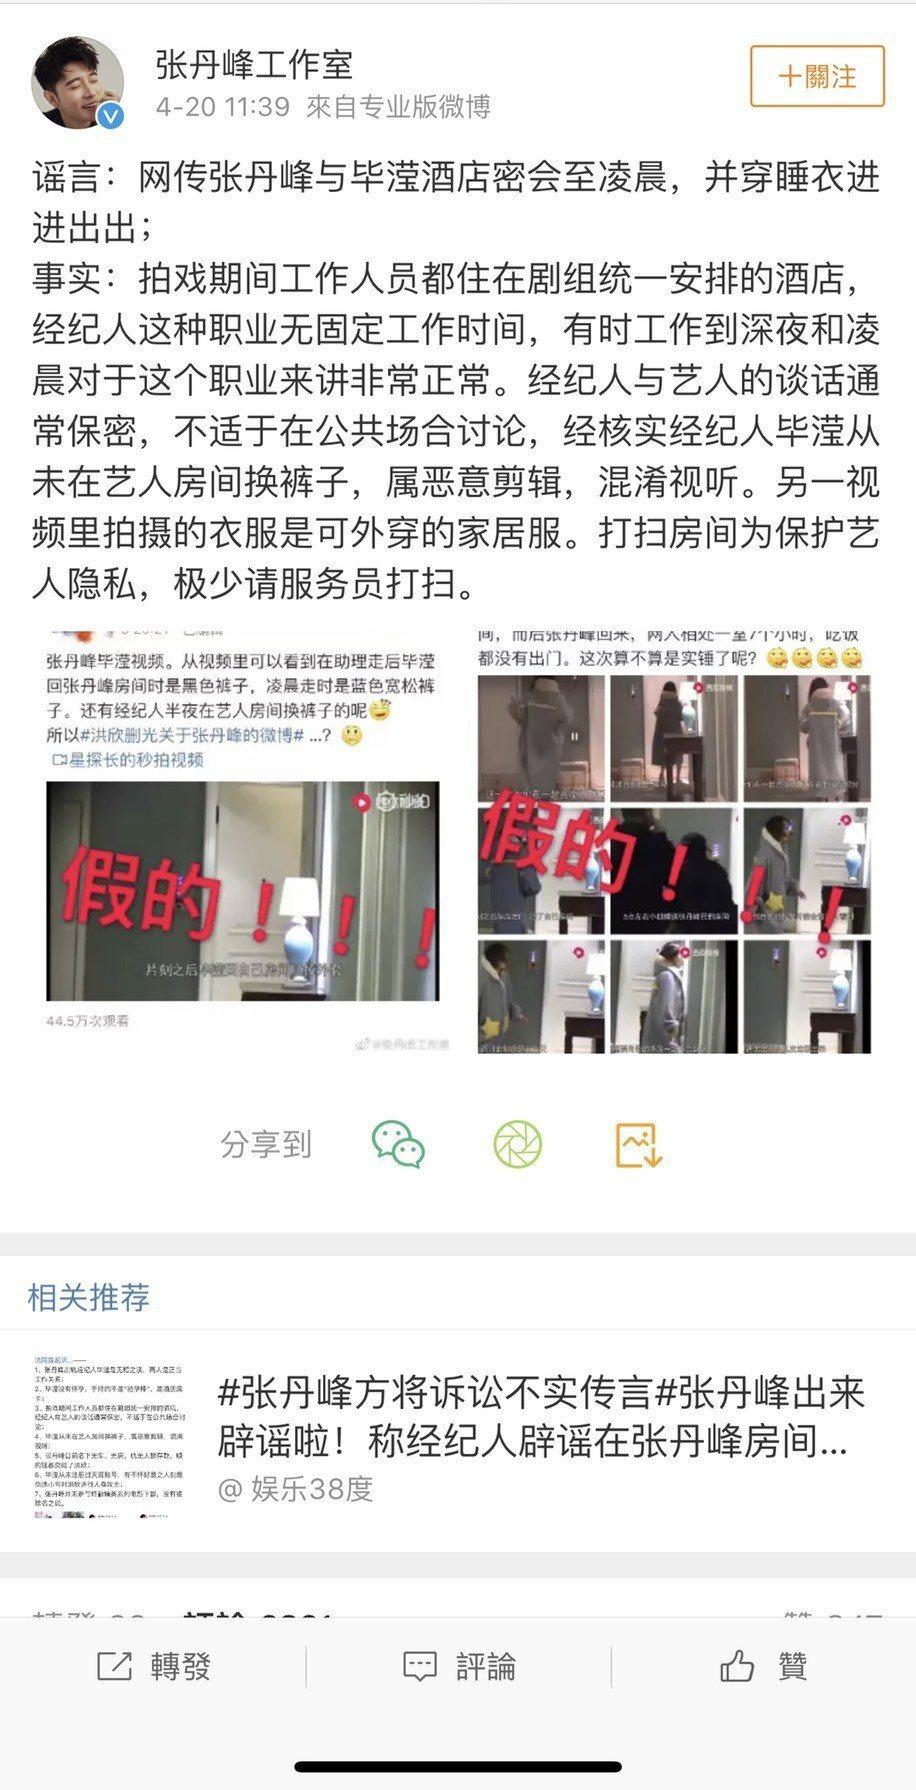 張丹峰工作室發文澄清出軌傳聞。圖/摘自微博